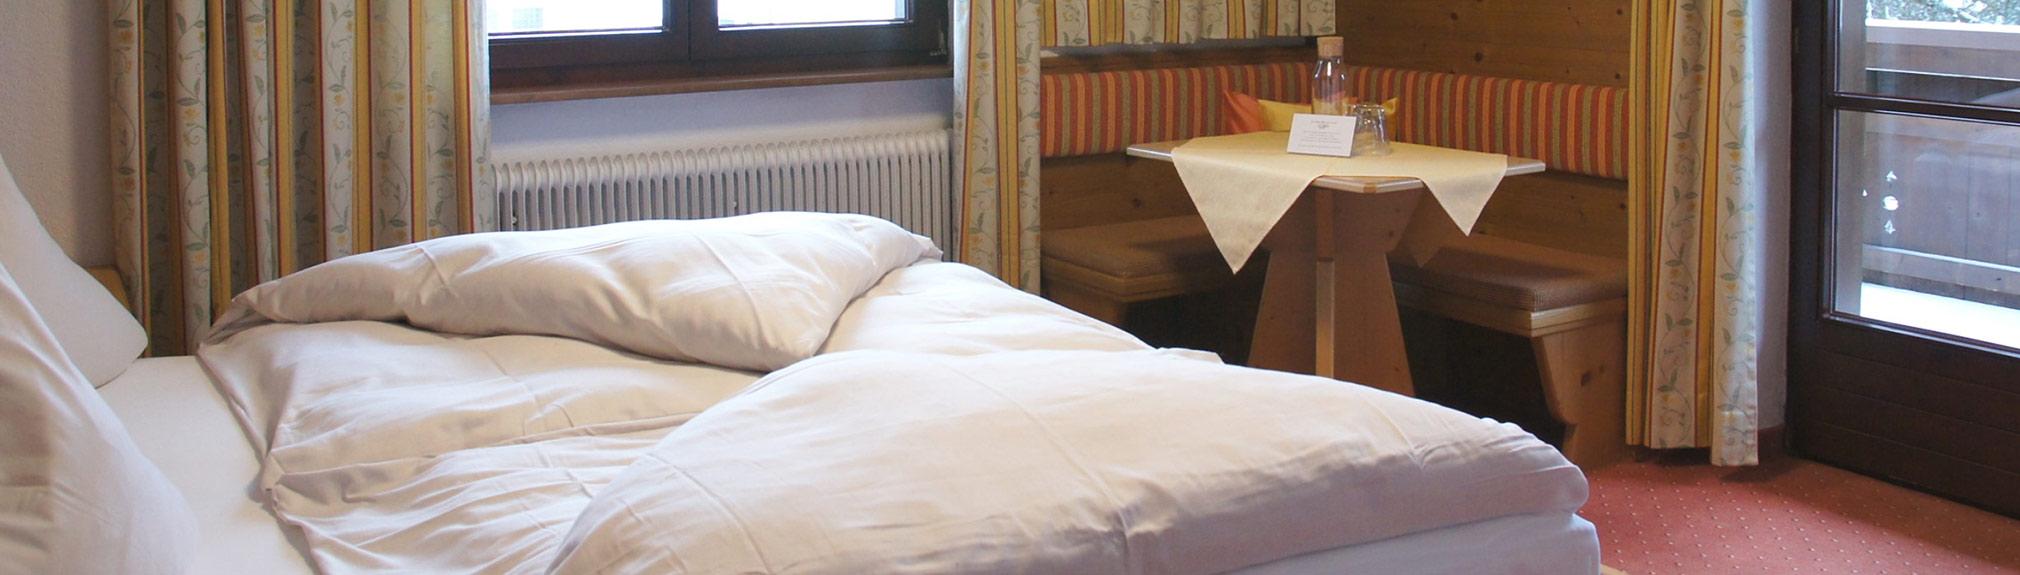 Zimmer im Corso's Annabelle in Sölden